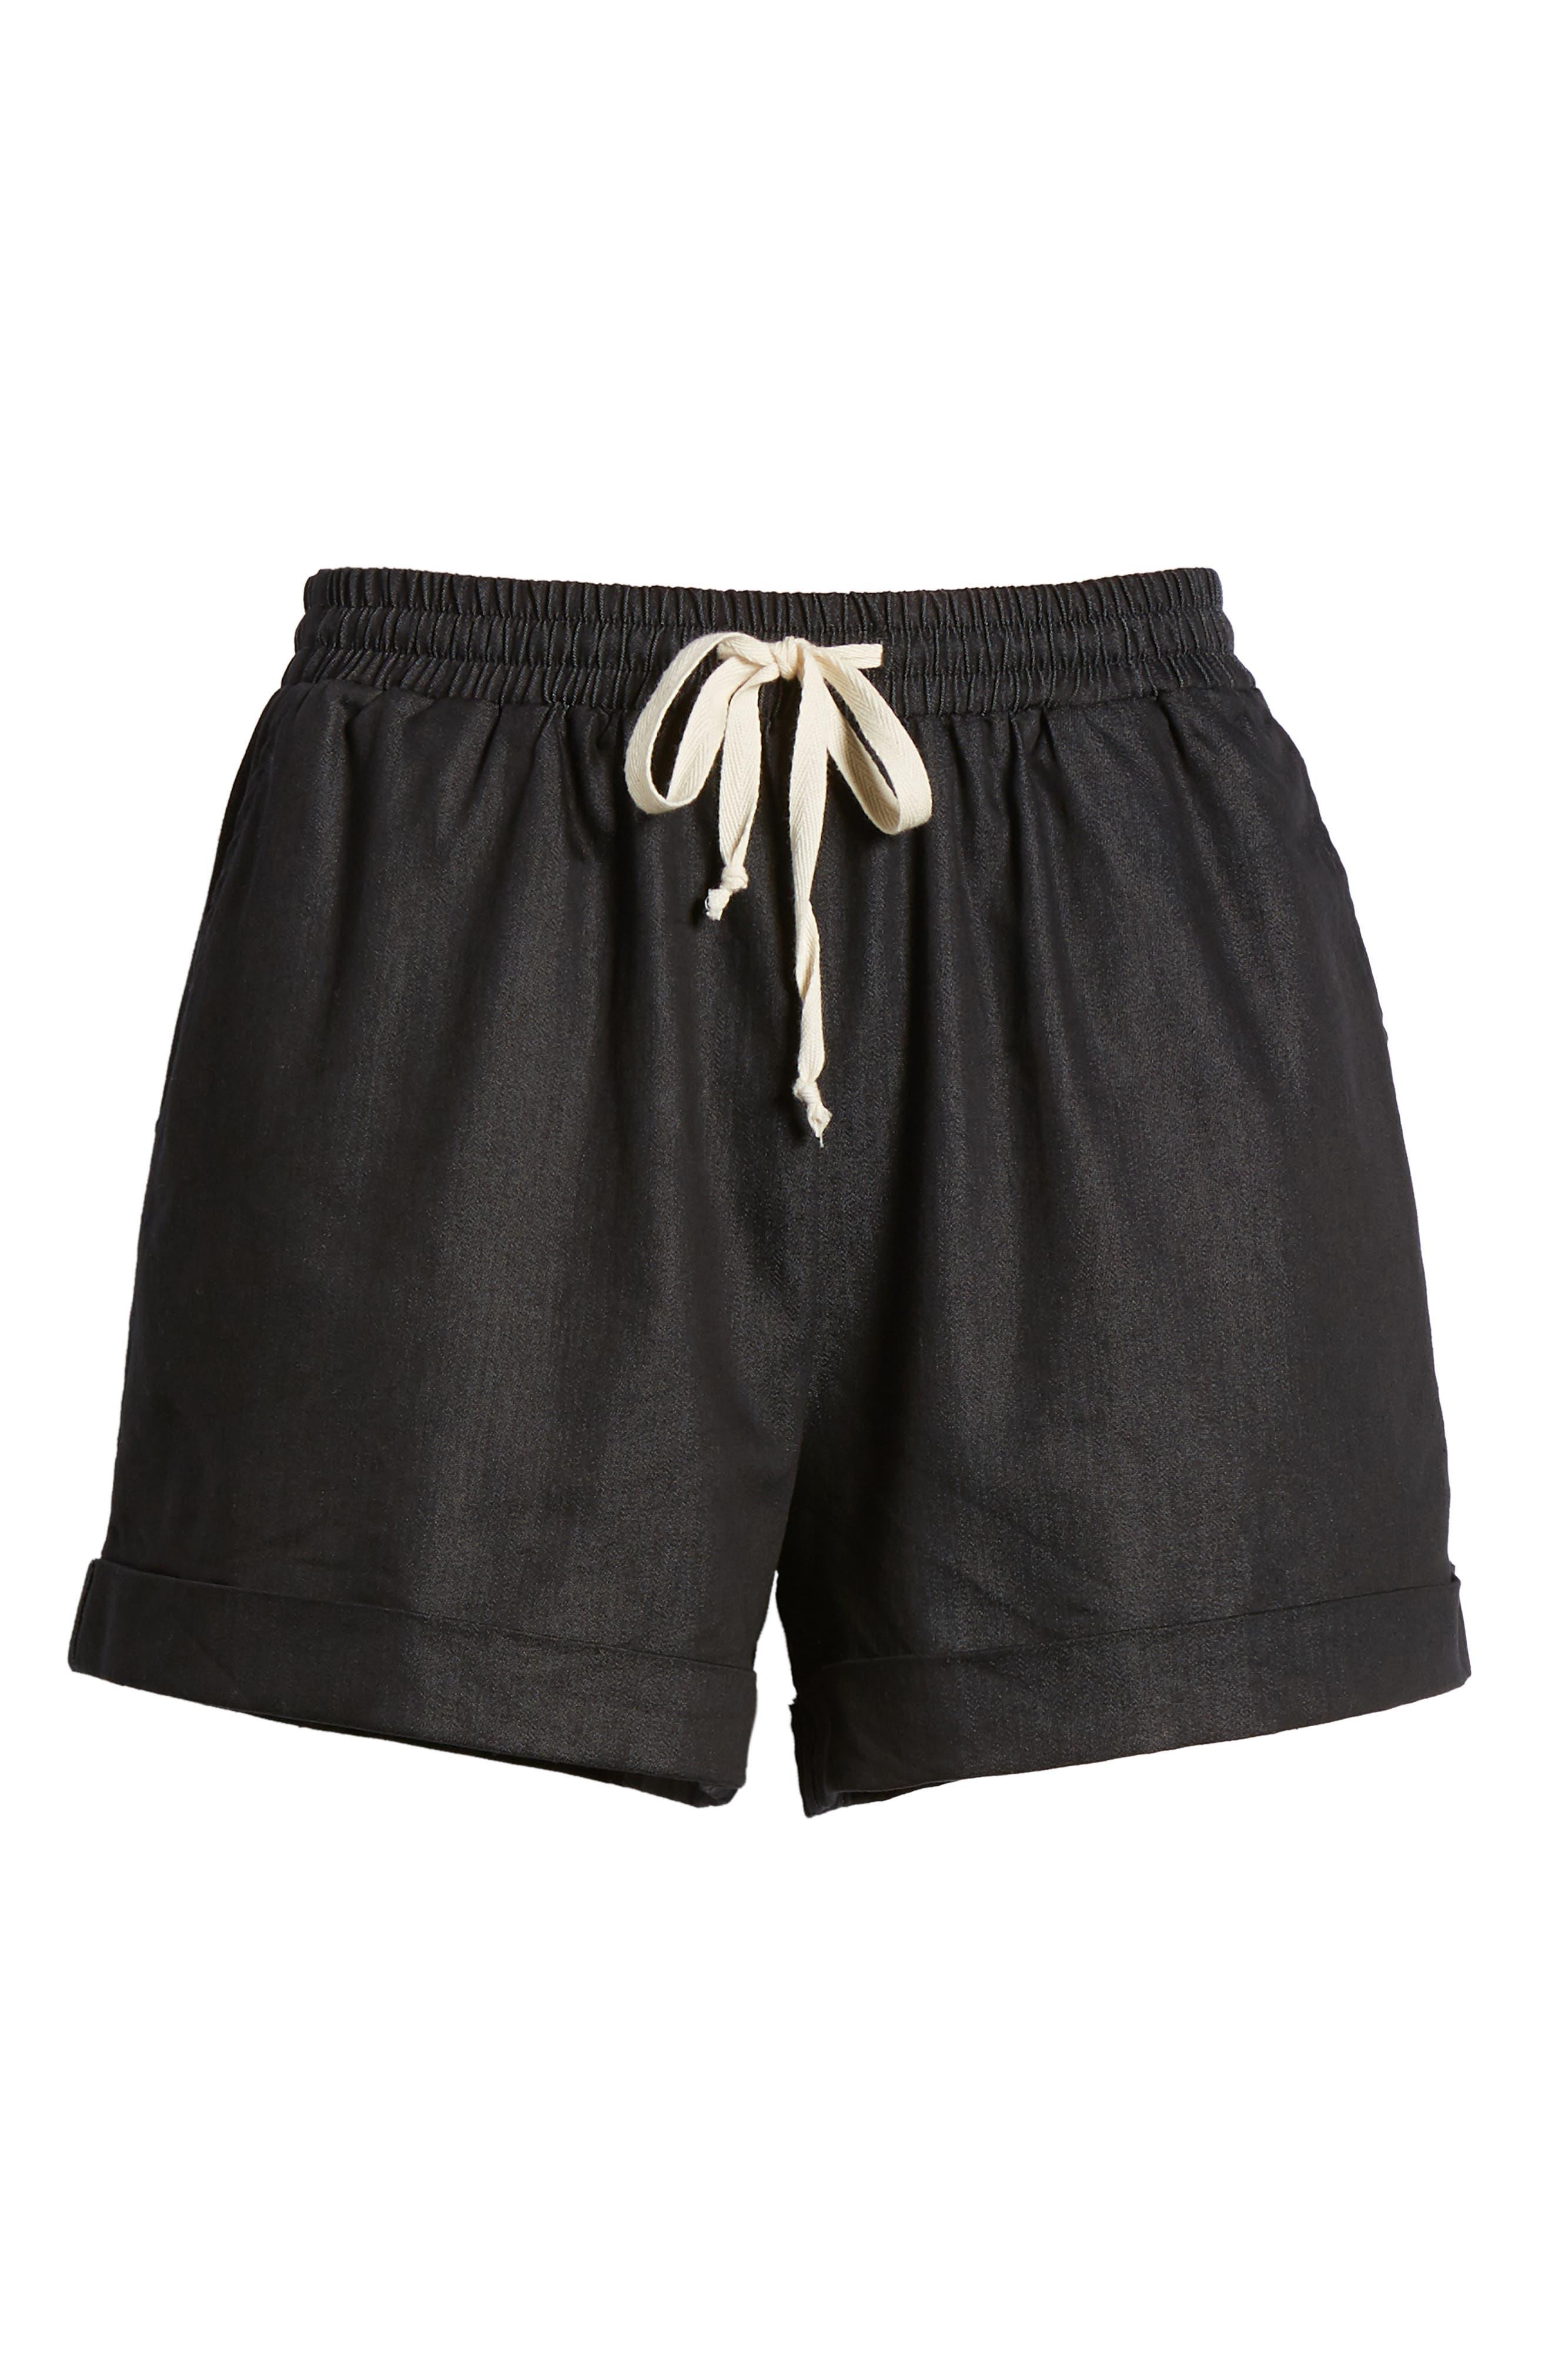 Getaway Shorts,                             Alternate thumbnail 7, color,                             003